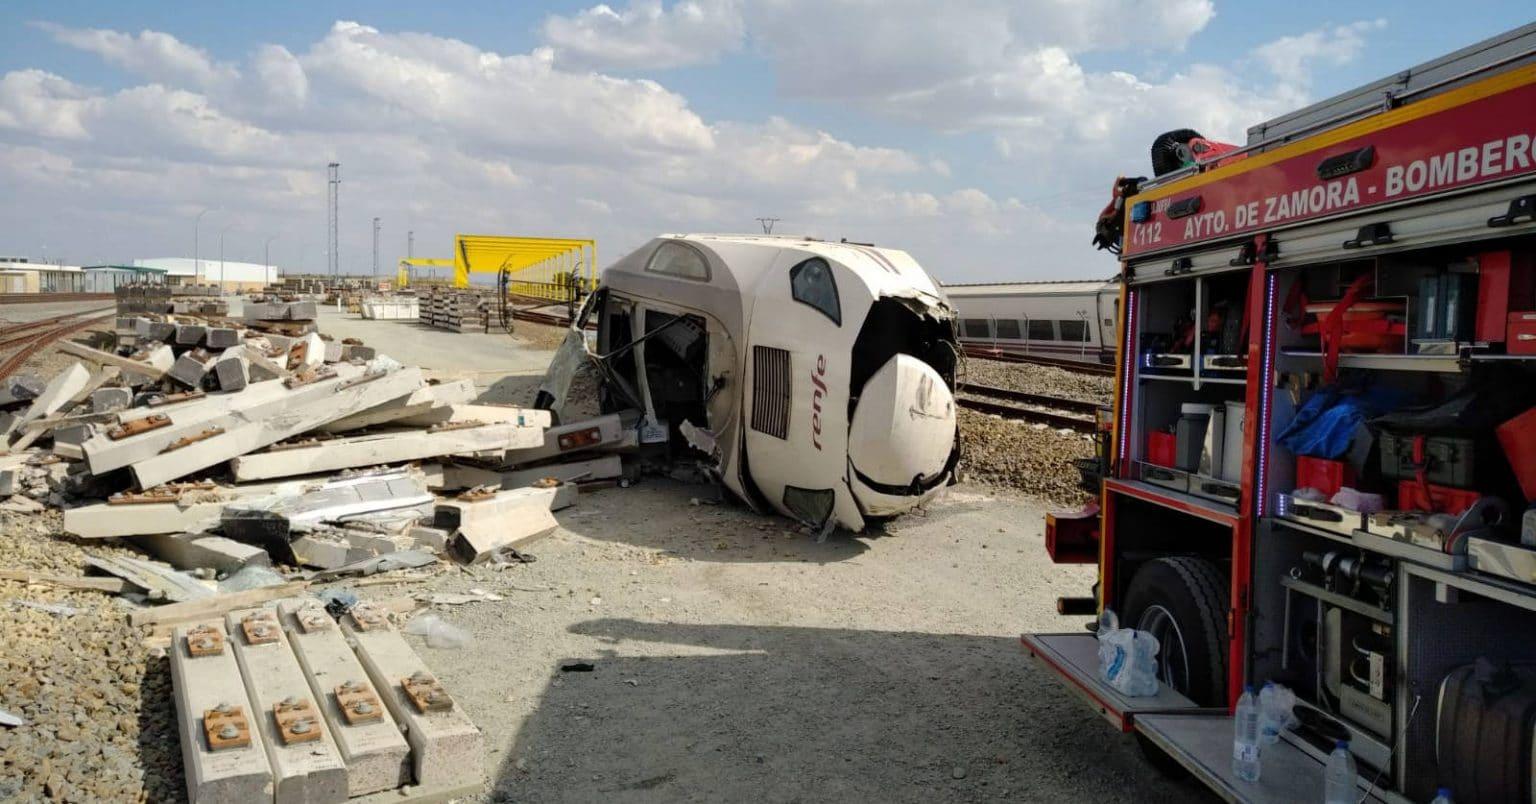 Imagen del Alvia Ferrol-Madrid descarrilado en La Hiniesta, divulgado por la Delegación del Gobierno de Castilla y León.